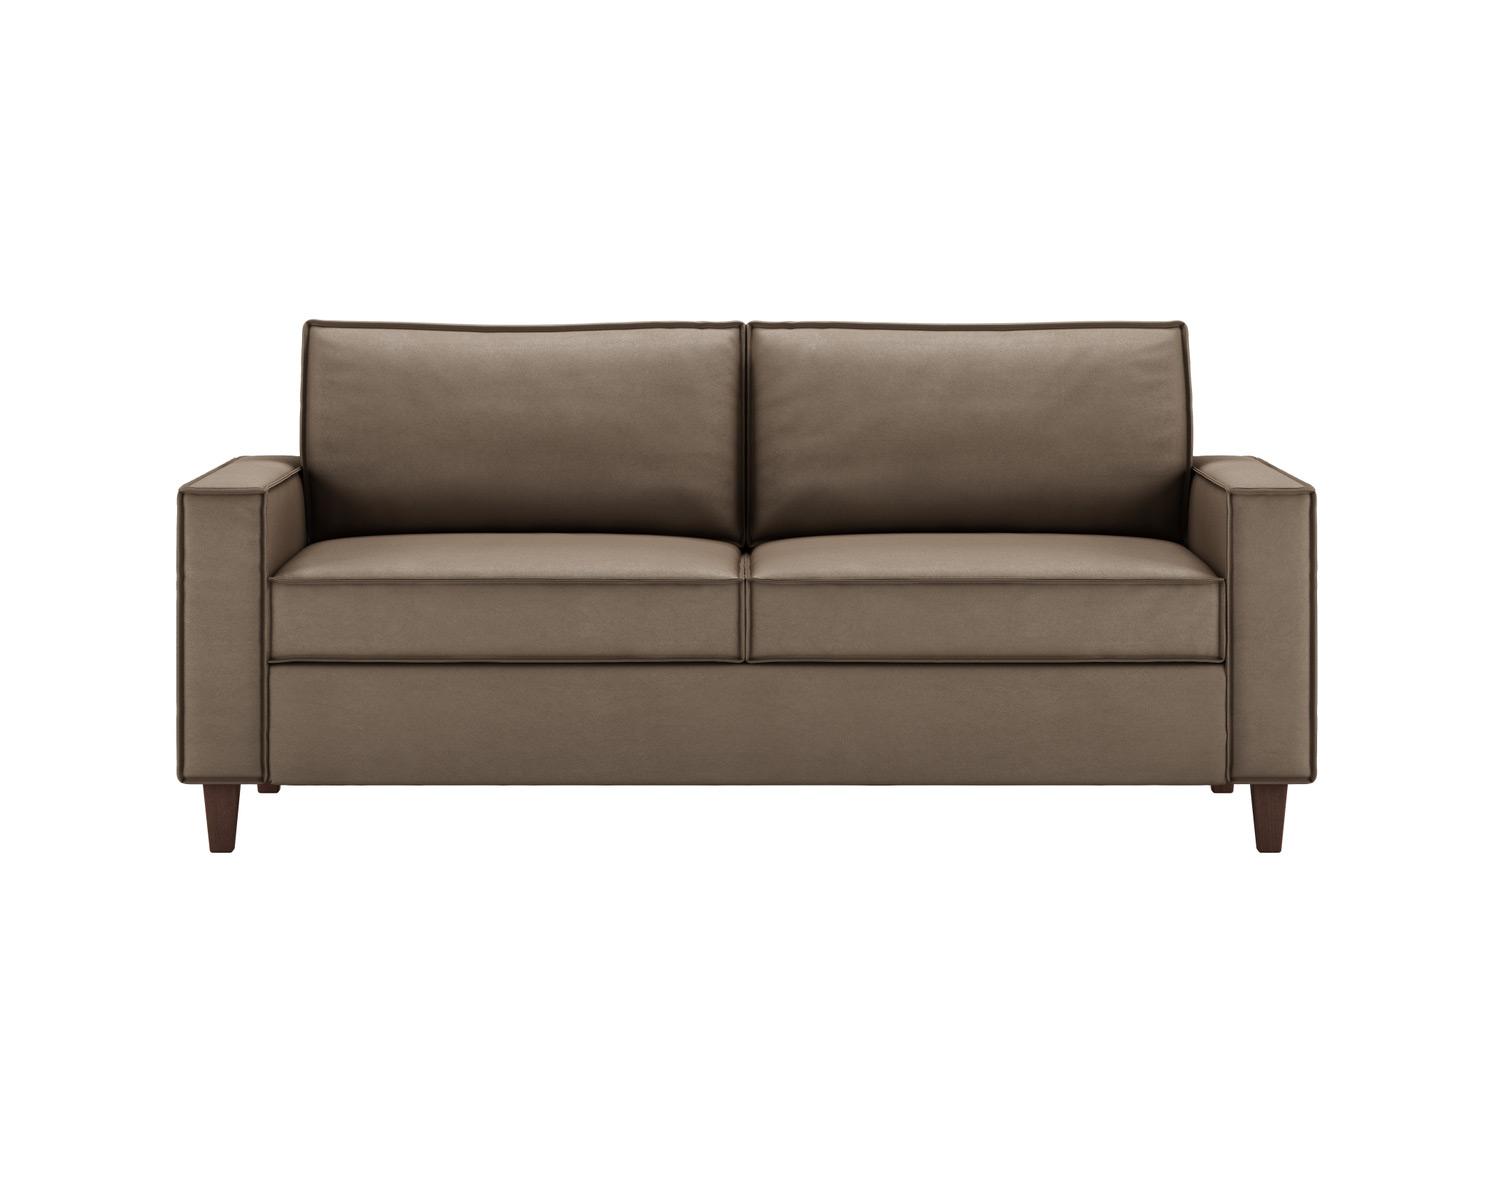 Mitc Contemporary Sleeper Sofa